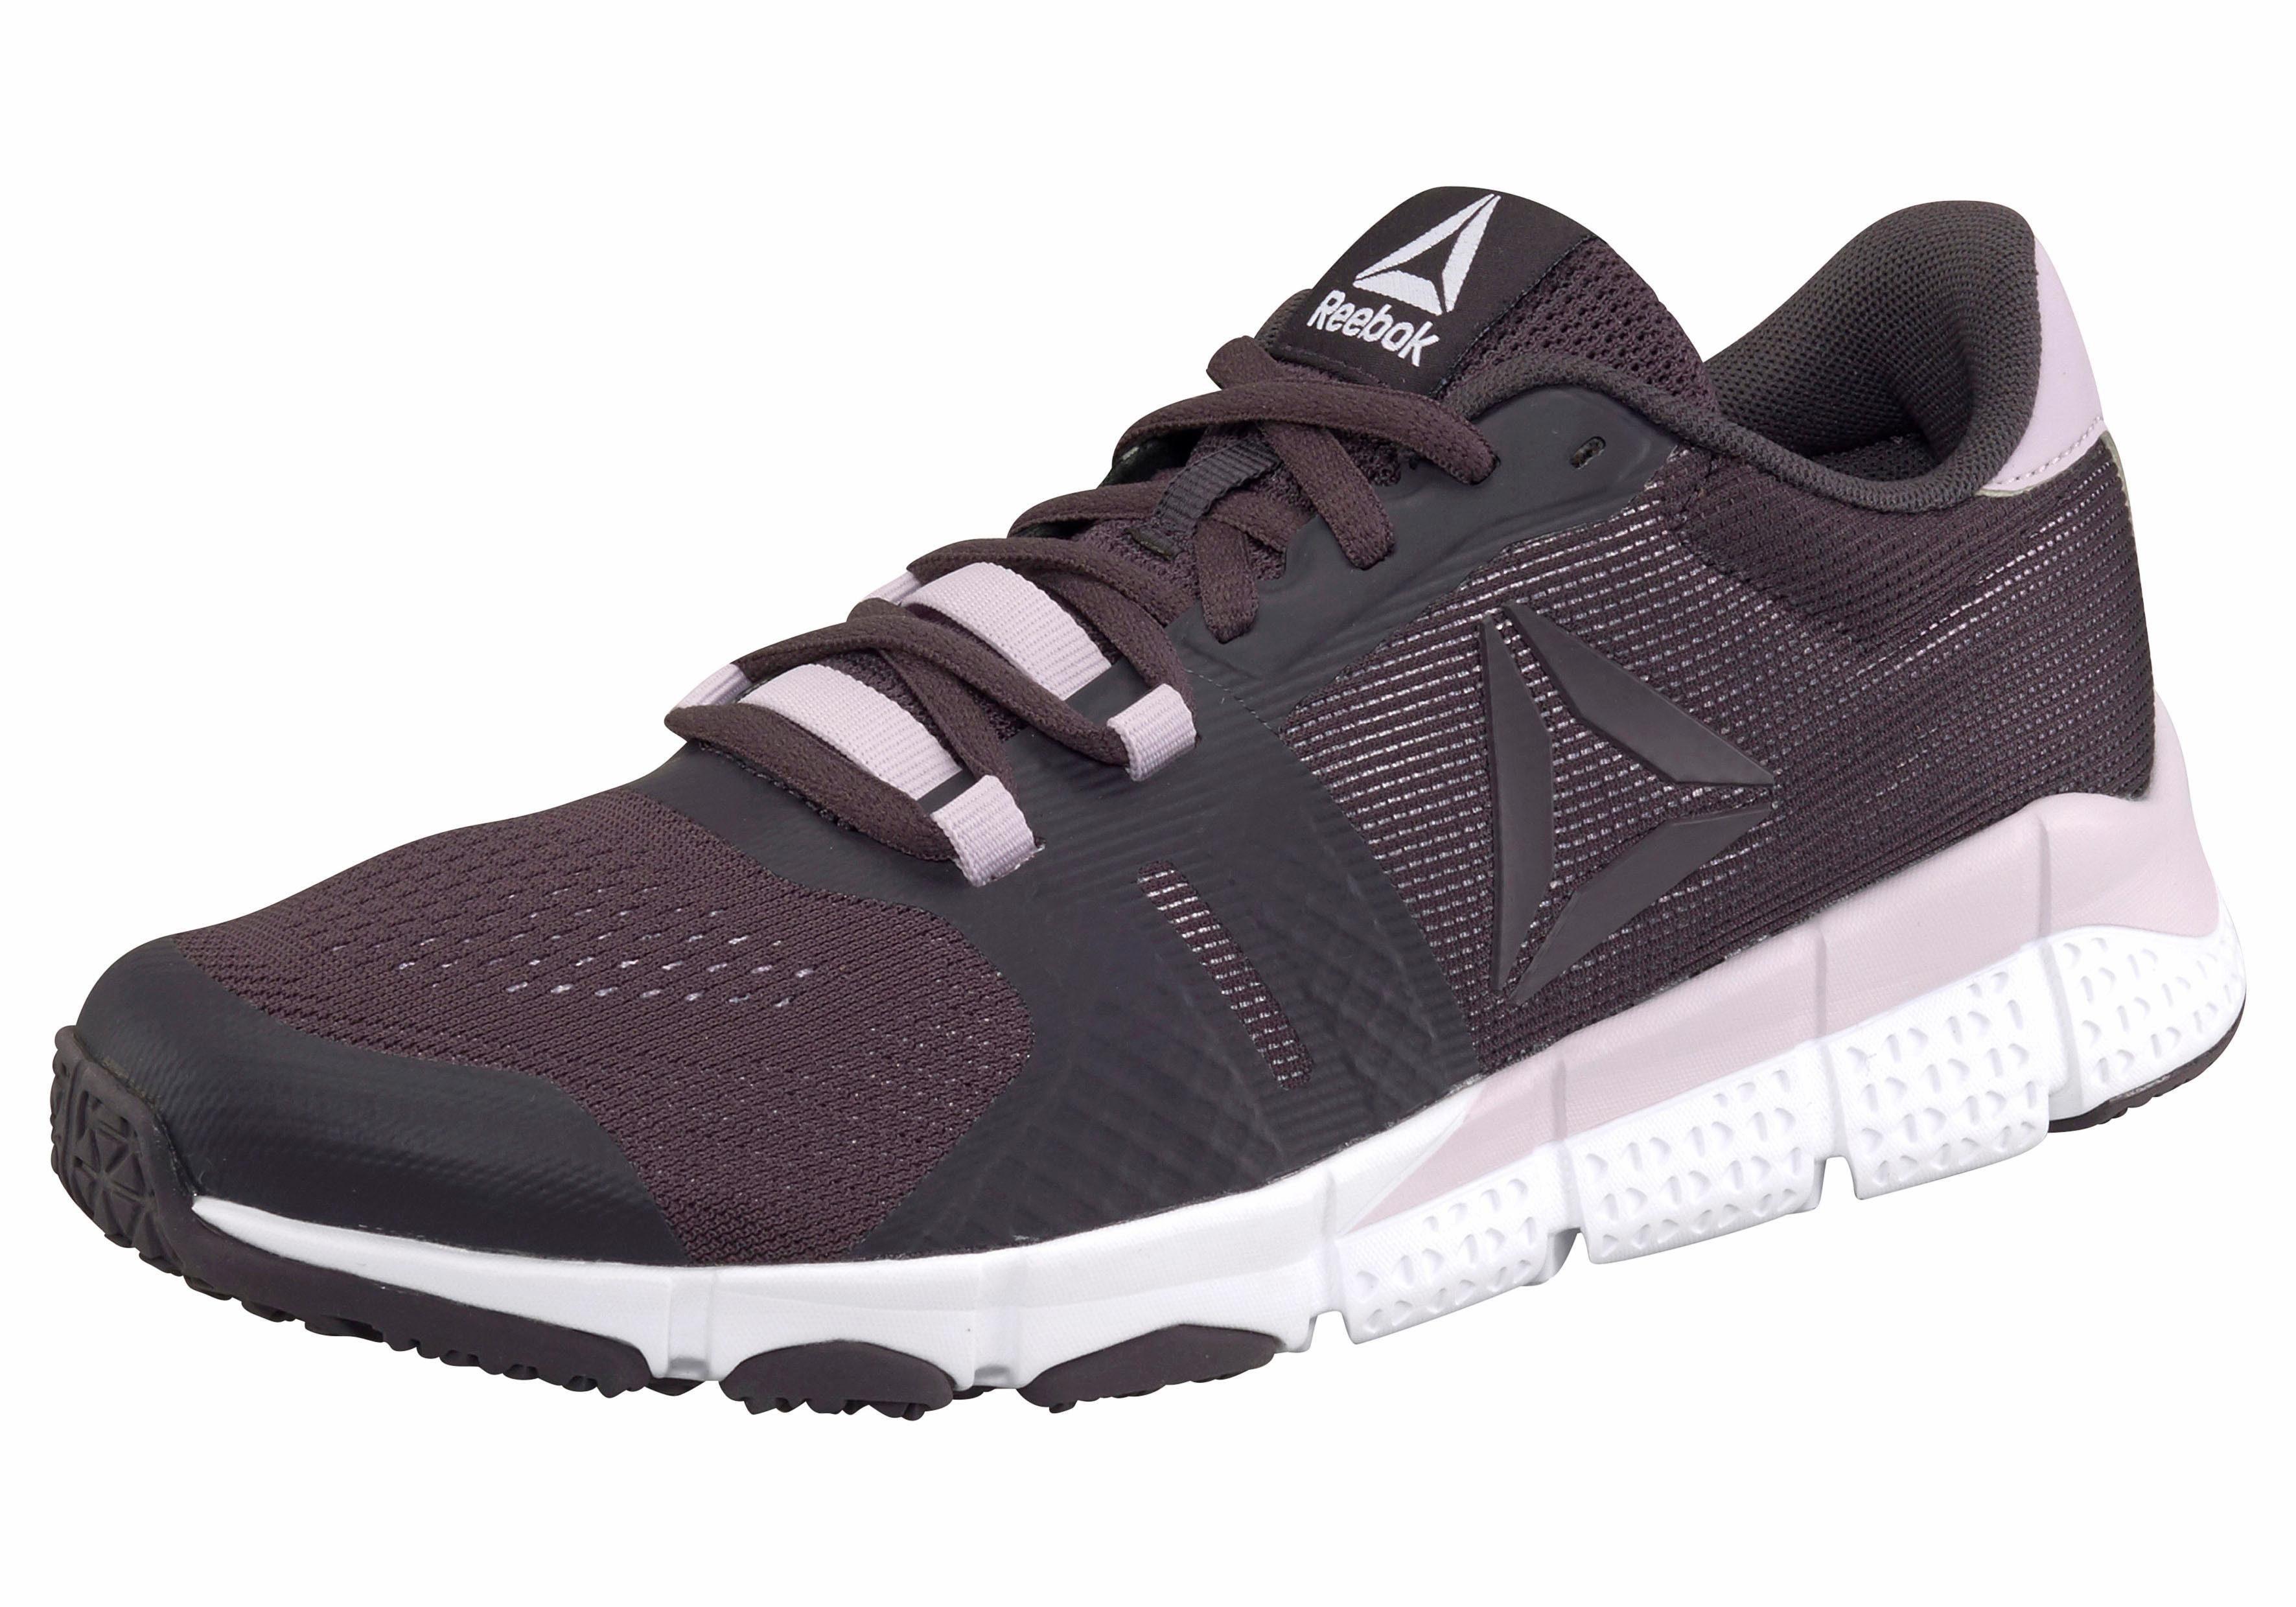 Reebok Wmns Trainflex 20 Fitnessschuh kaufen  aubergine